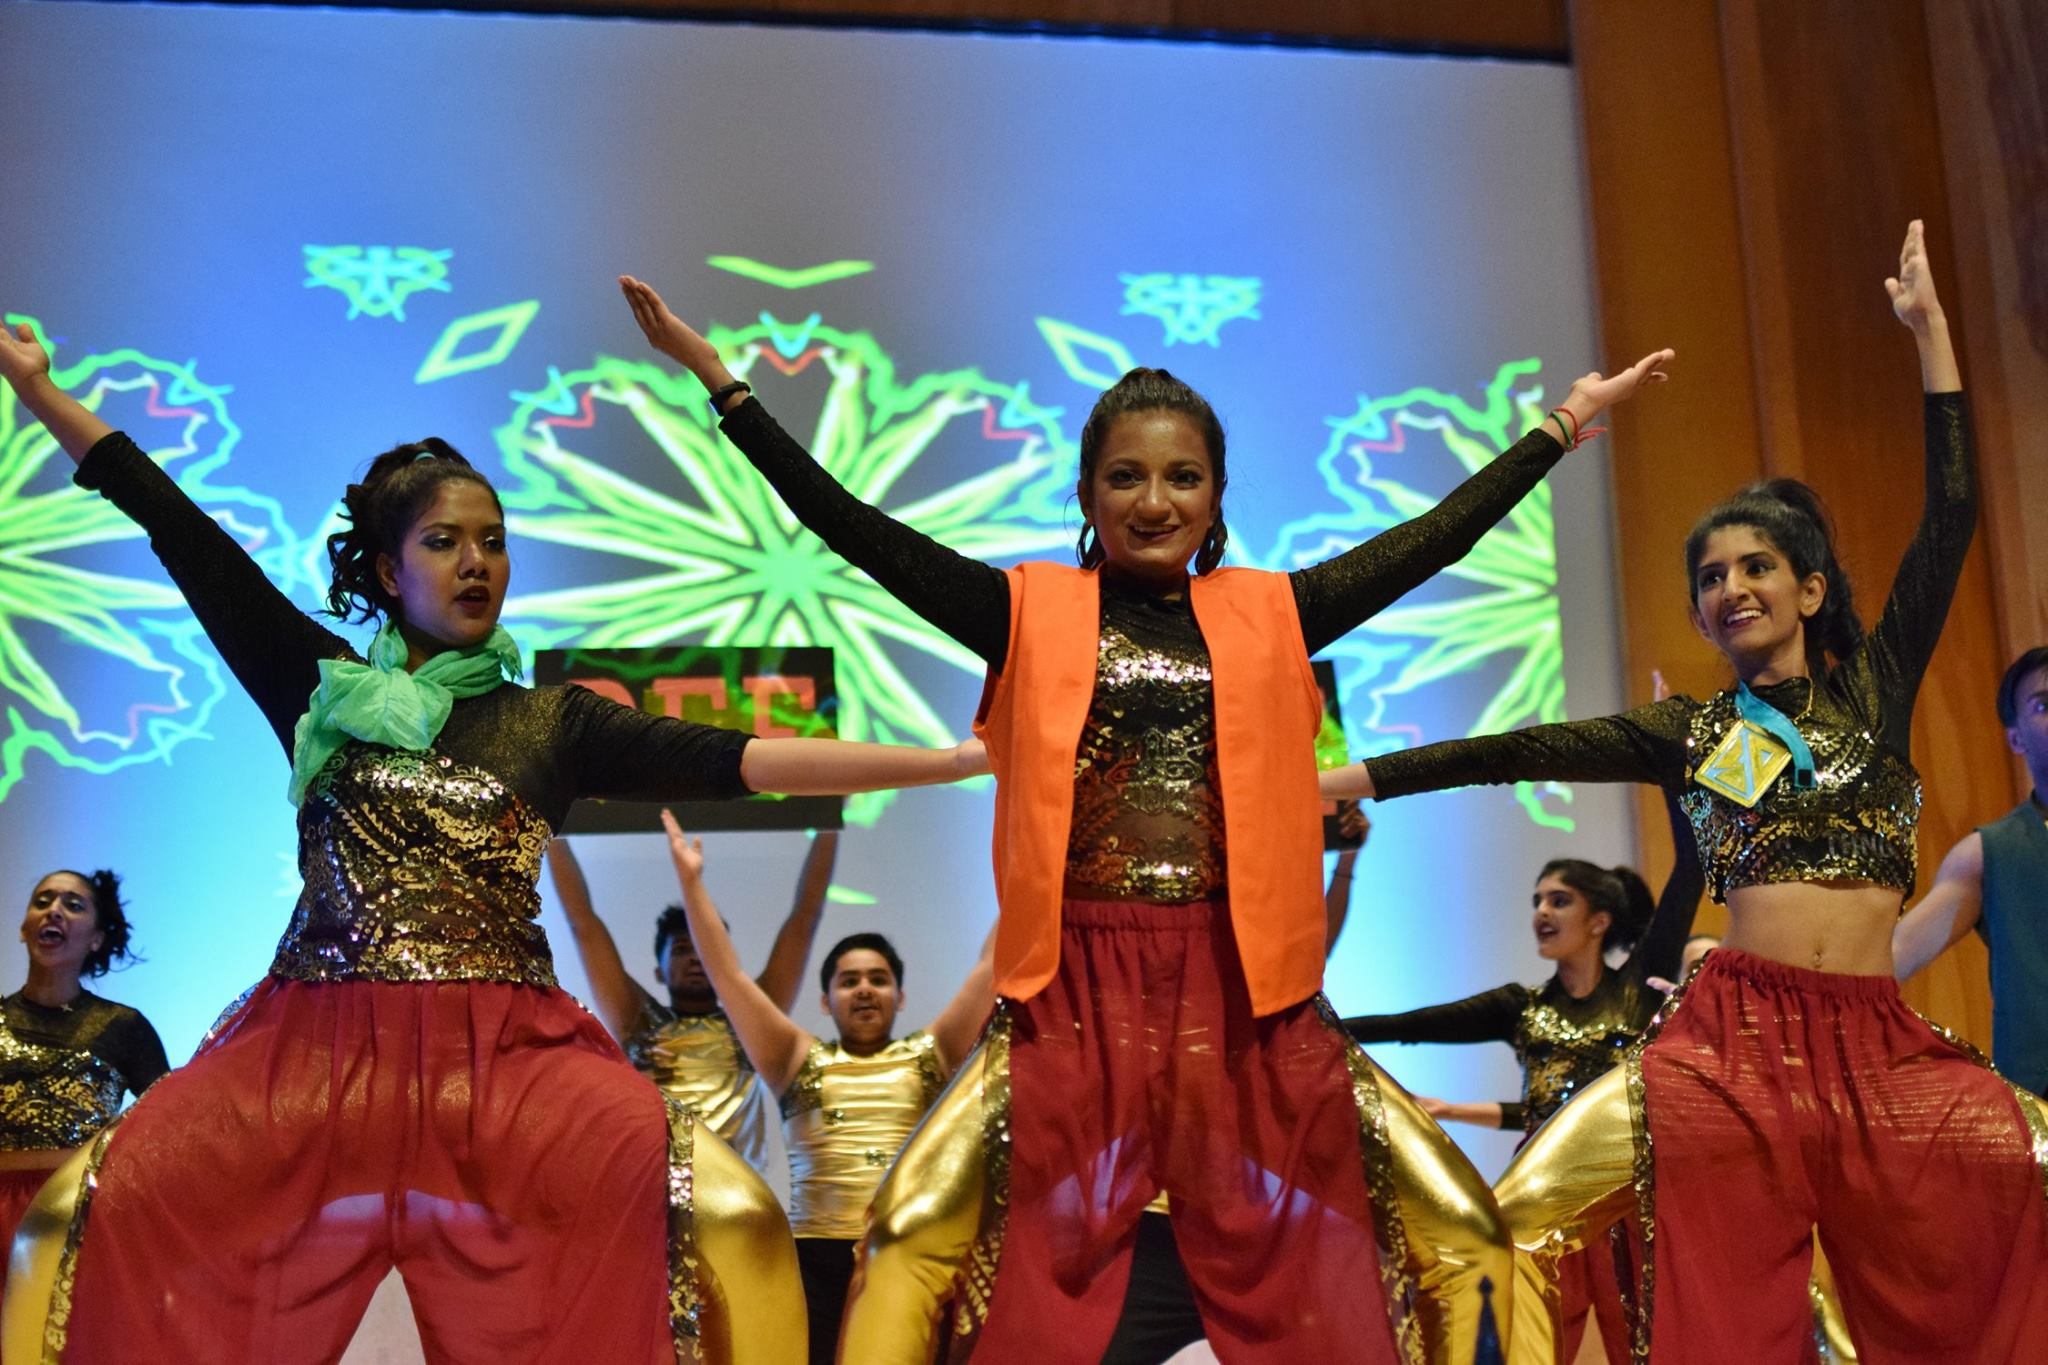 Dancers perform during a Diwali celebration.